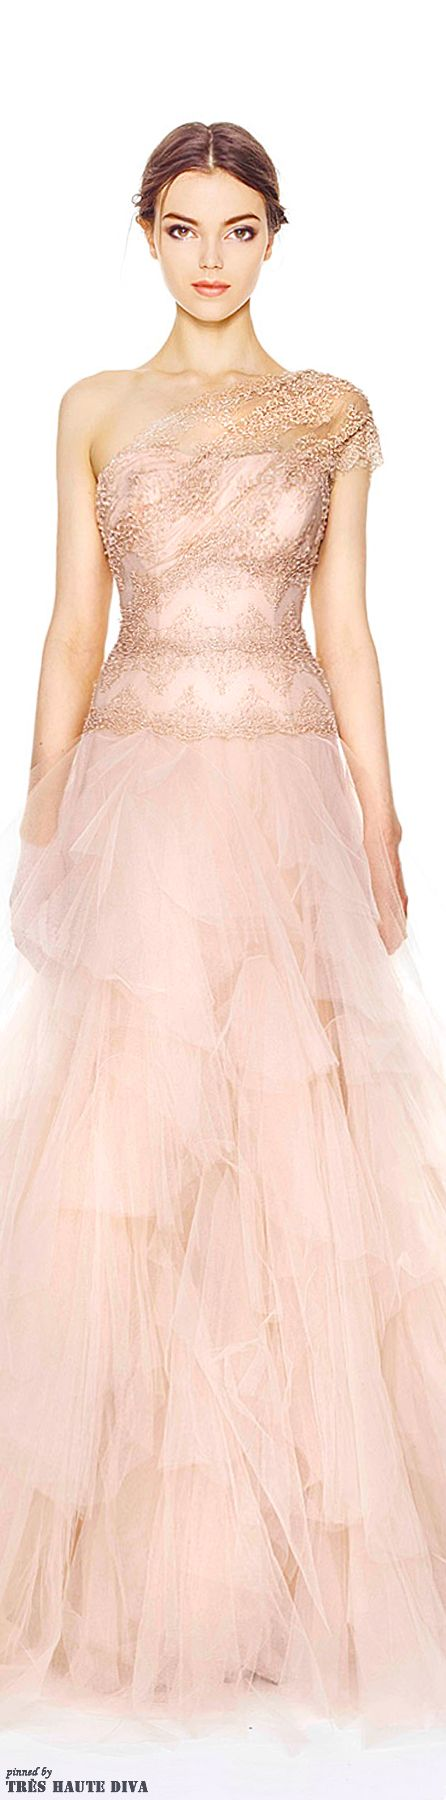 153 mejores imágenes de vestidos en Pinterest | Vestidos bonitos ...